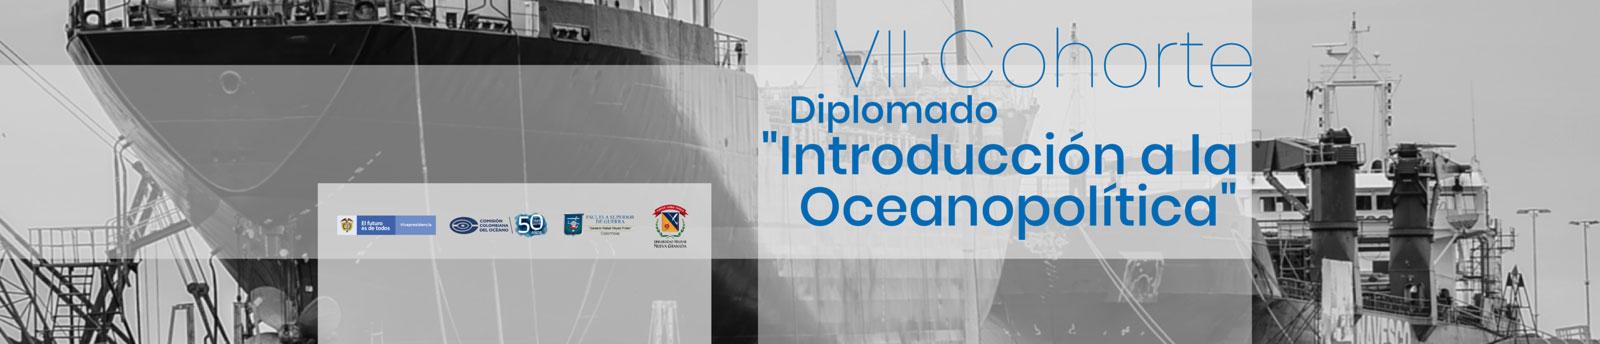 Comienzan las inscripciones para el Diplomado: Introducción a la Oceanopolítica